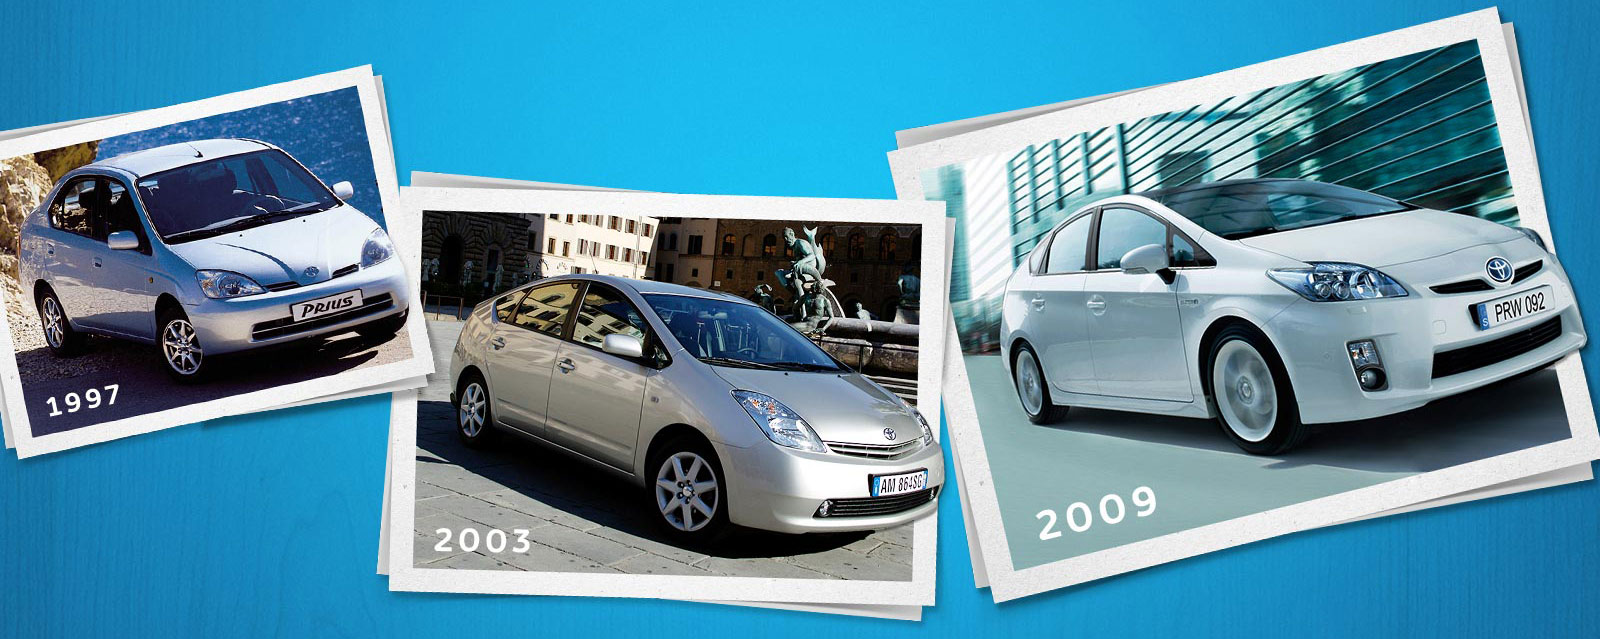 Storia di Toyota Prius